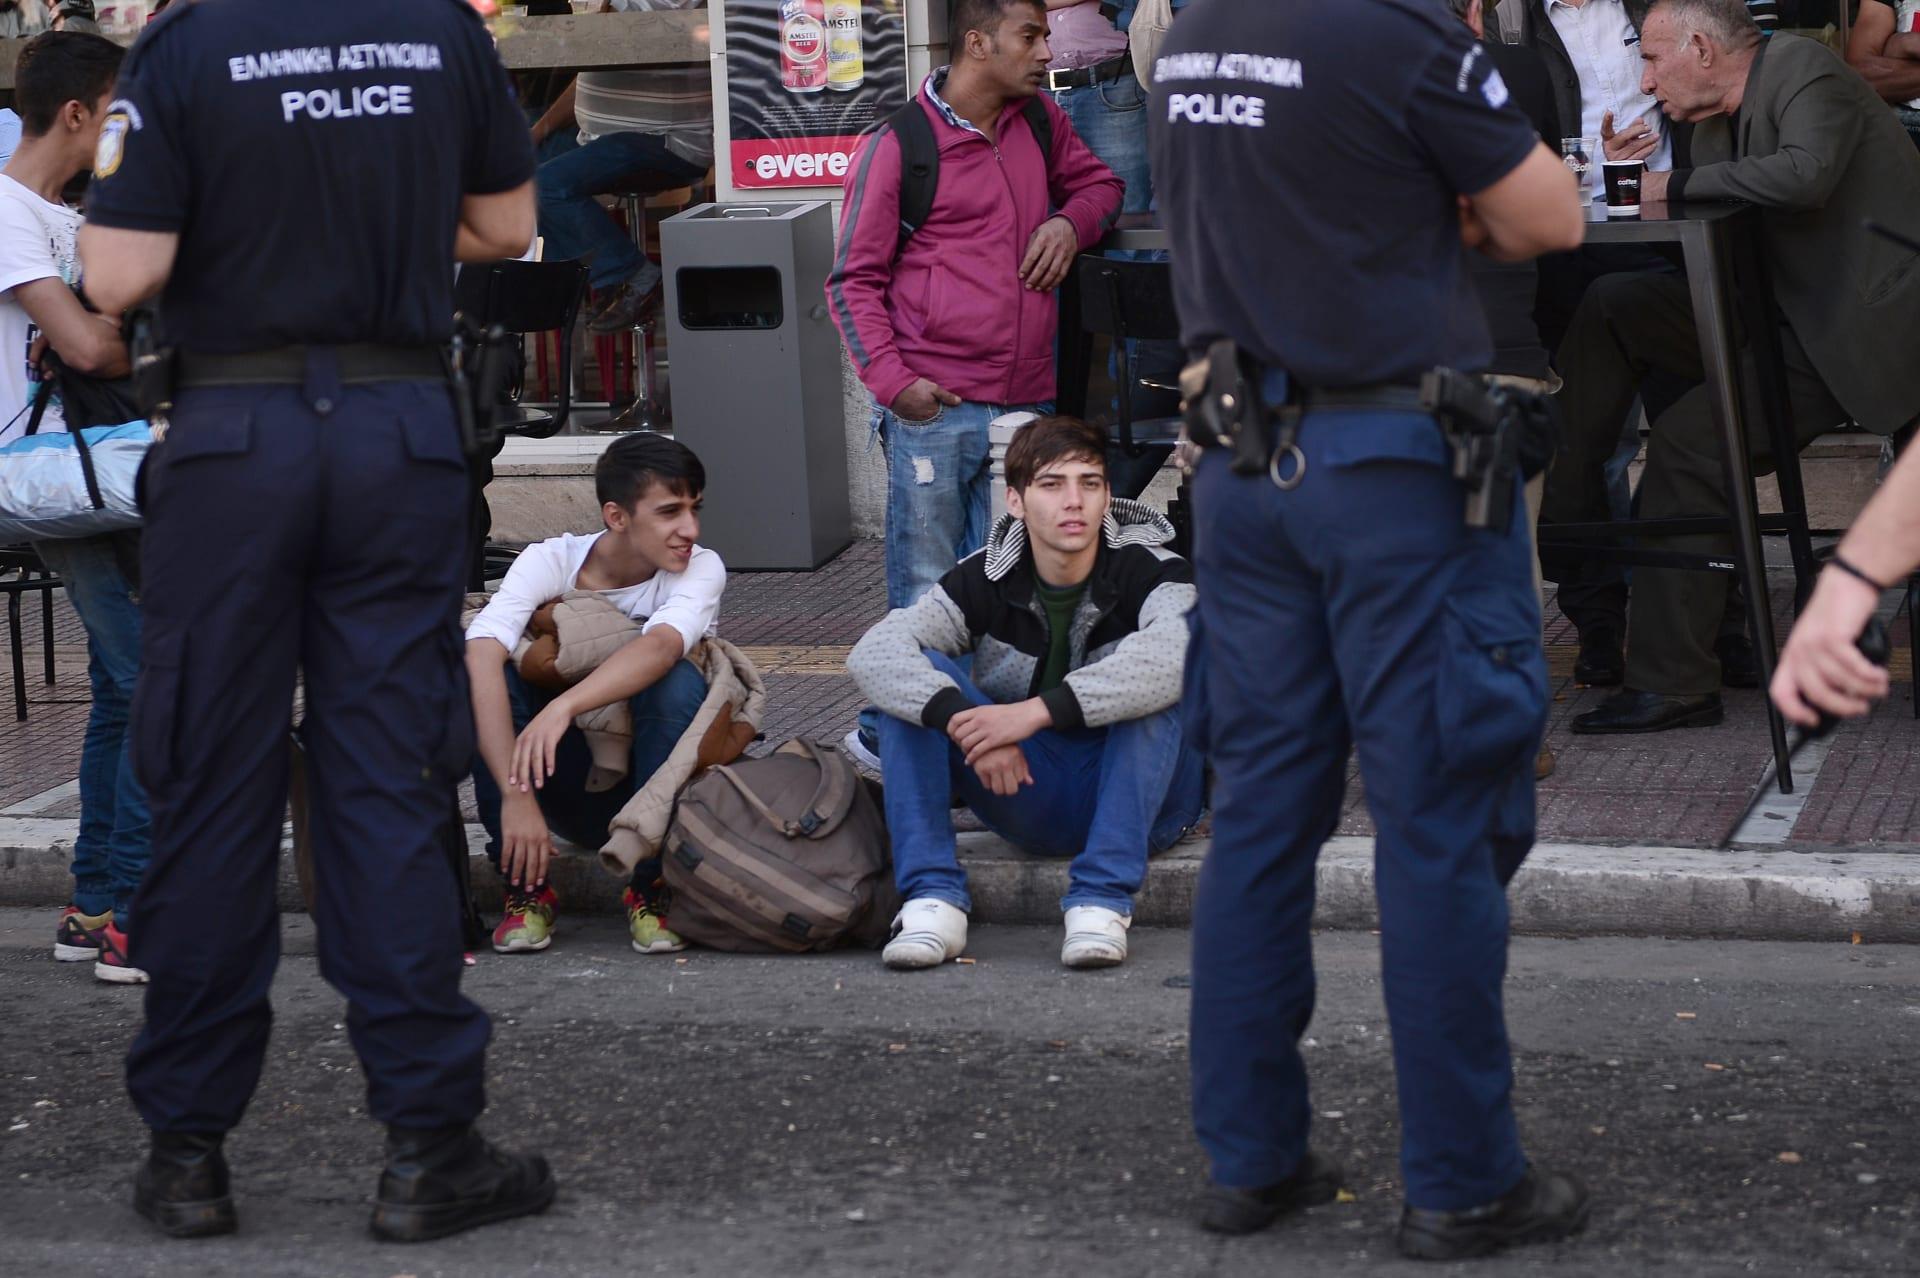 اليونان تعلن مرور صاحب الجواز السوري الذي عثر عليه في موقع هجمات باريس عبر أراضيها وفق قواعد اللجوء